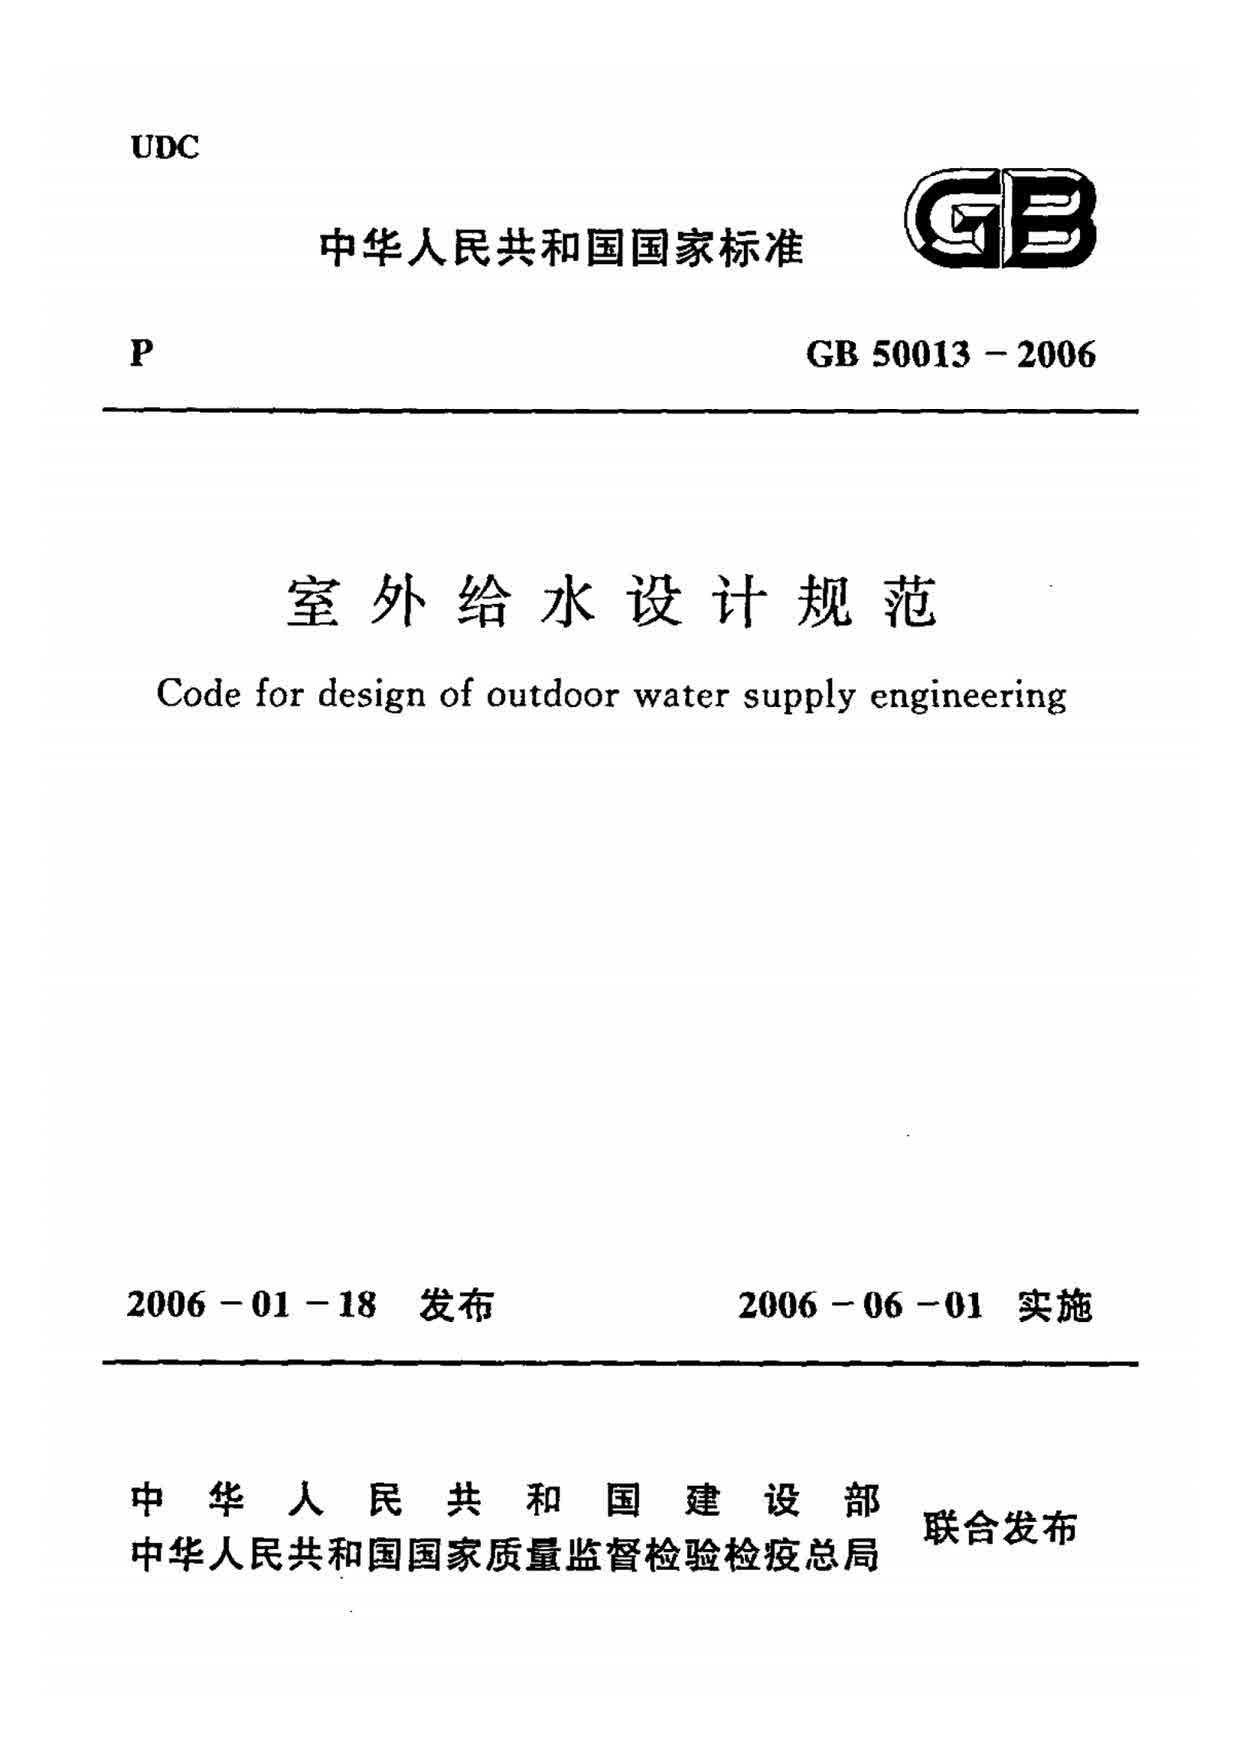 室外给水设计规范GB50013-2006